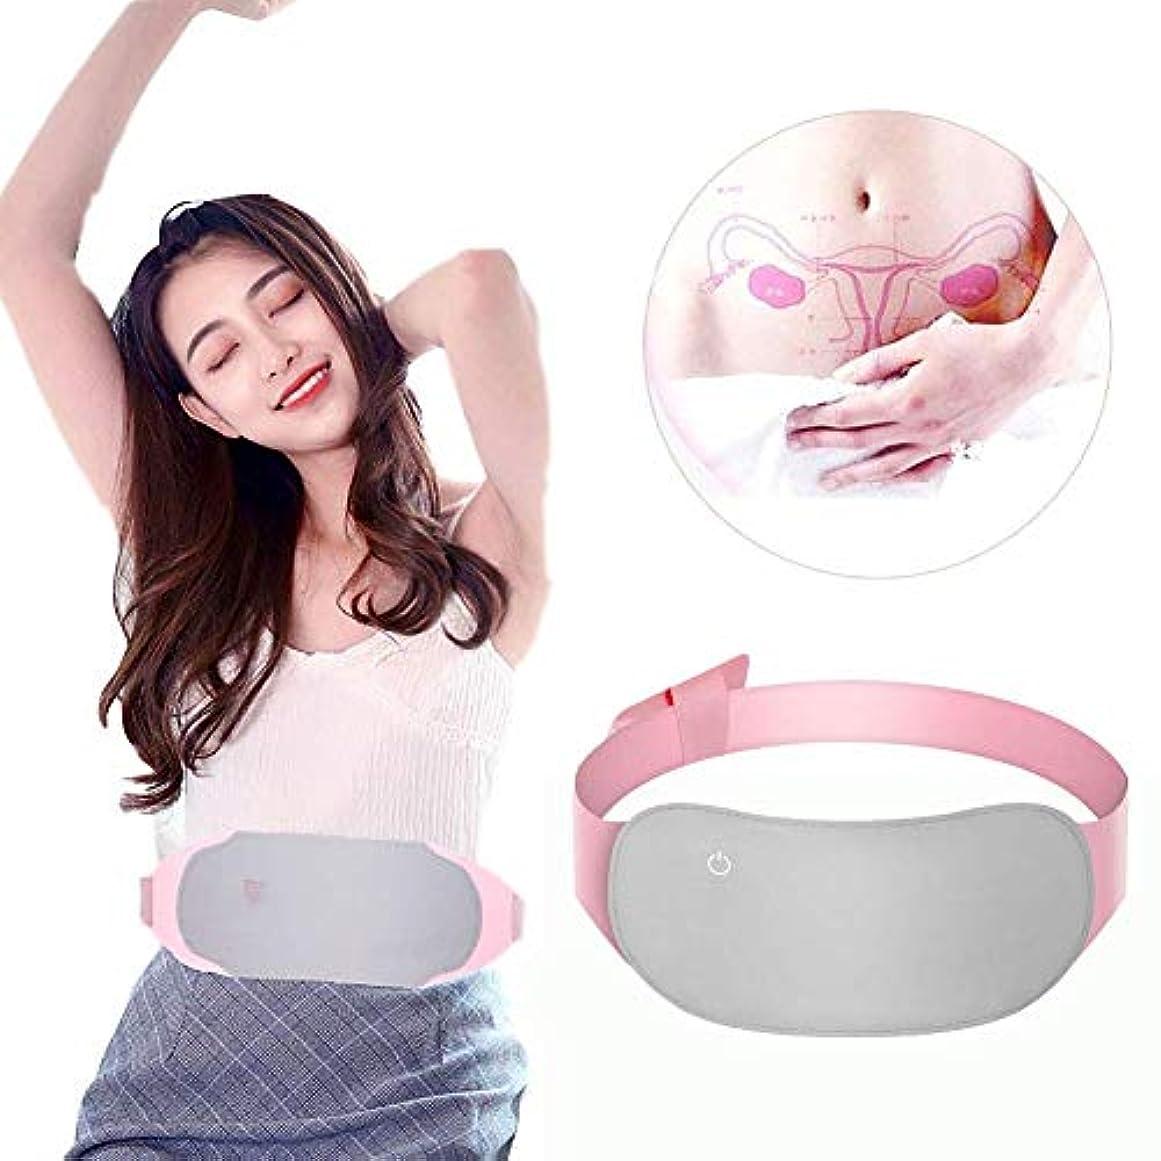 ズボンドックアルバムポータブル電気加熱パッド、腰痛緩和のためのUSBケーブル付き遠赤外線加熱ウエストベルト